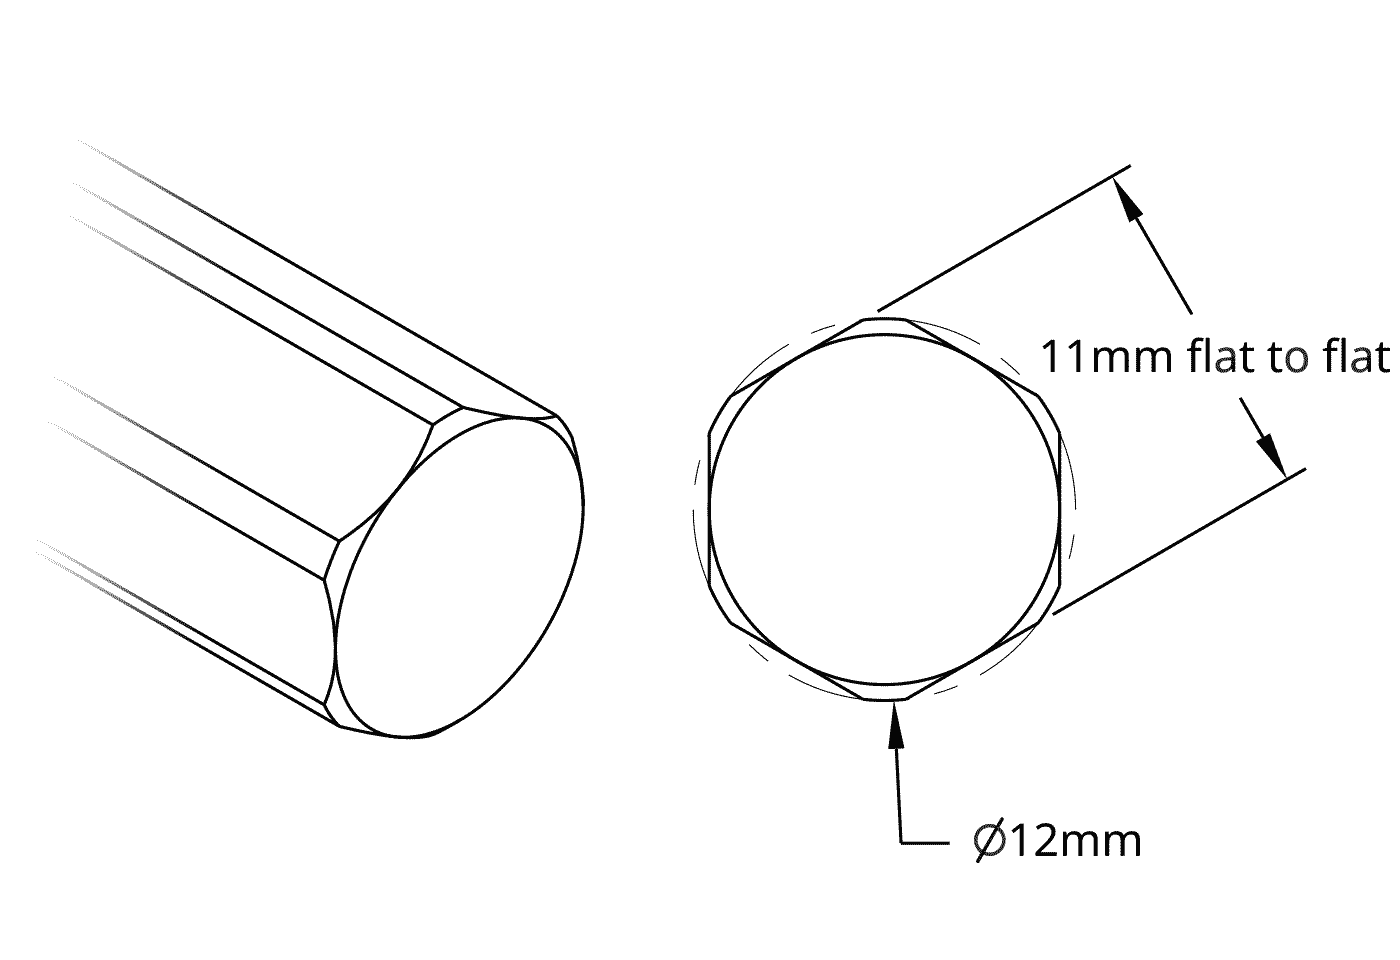 Stainless Steel REX Shafting (12mm Diameter)